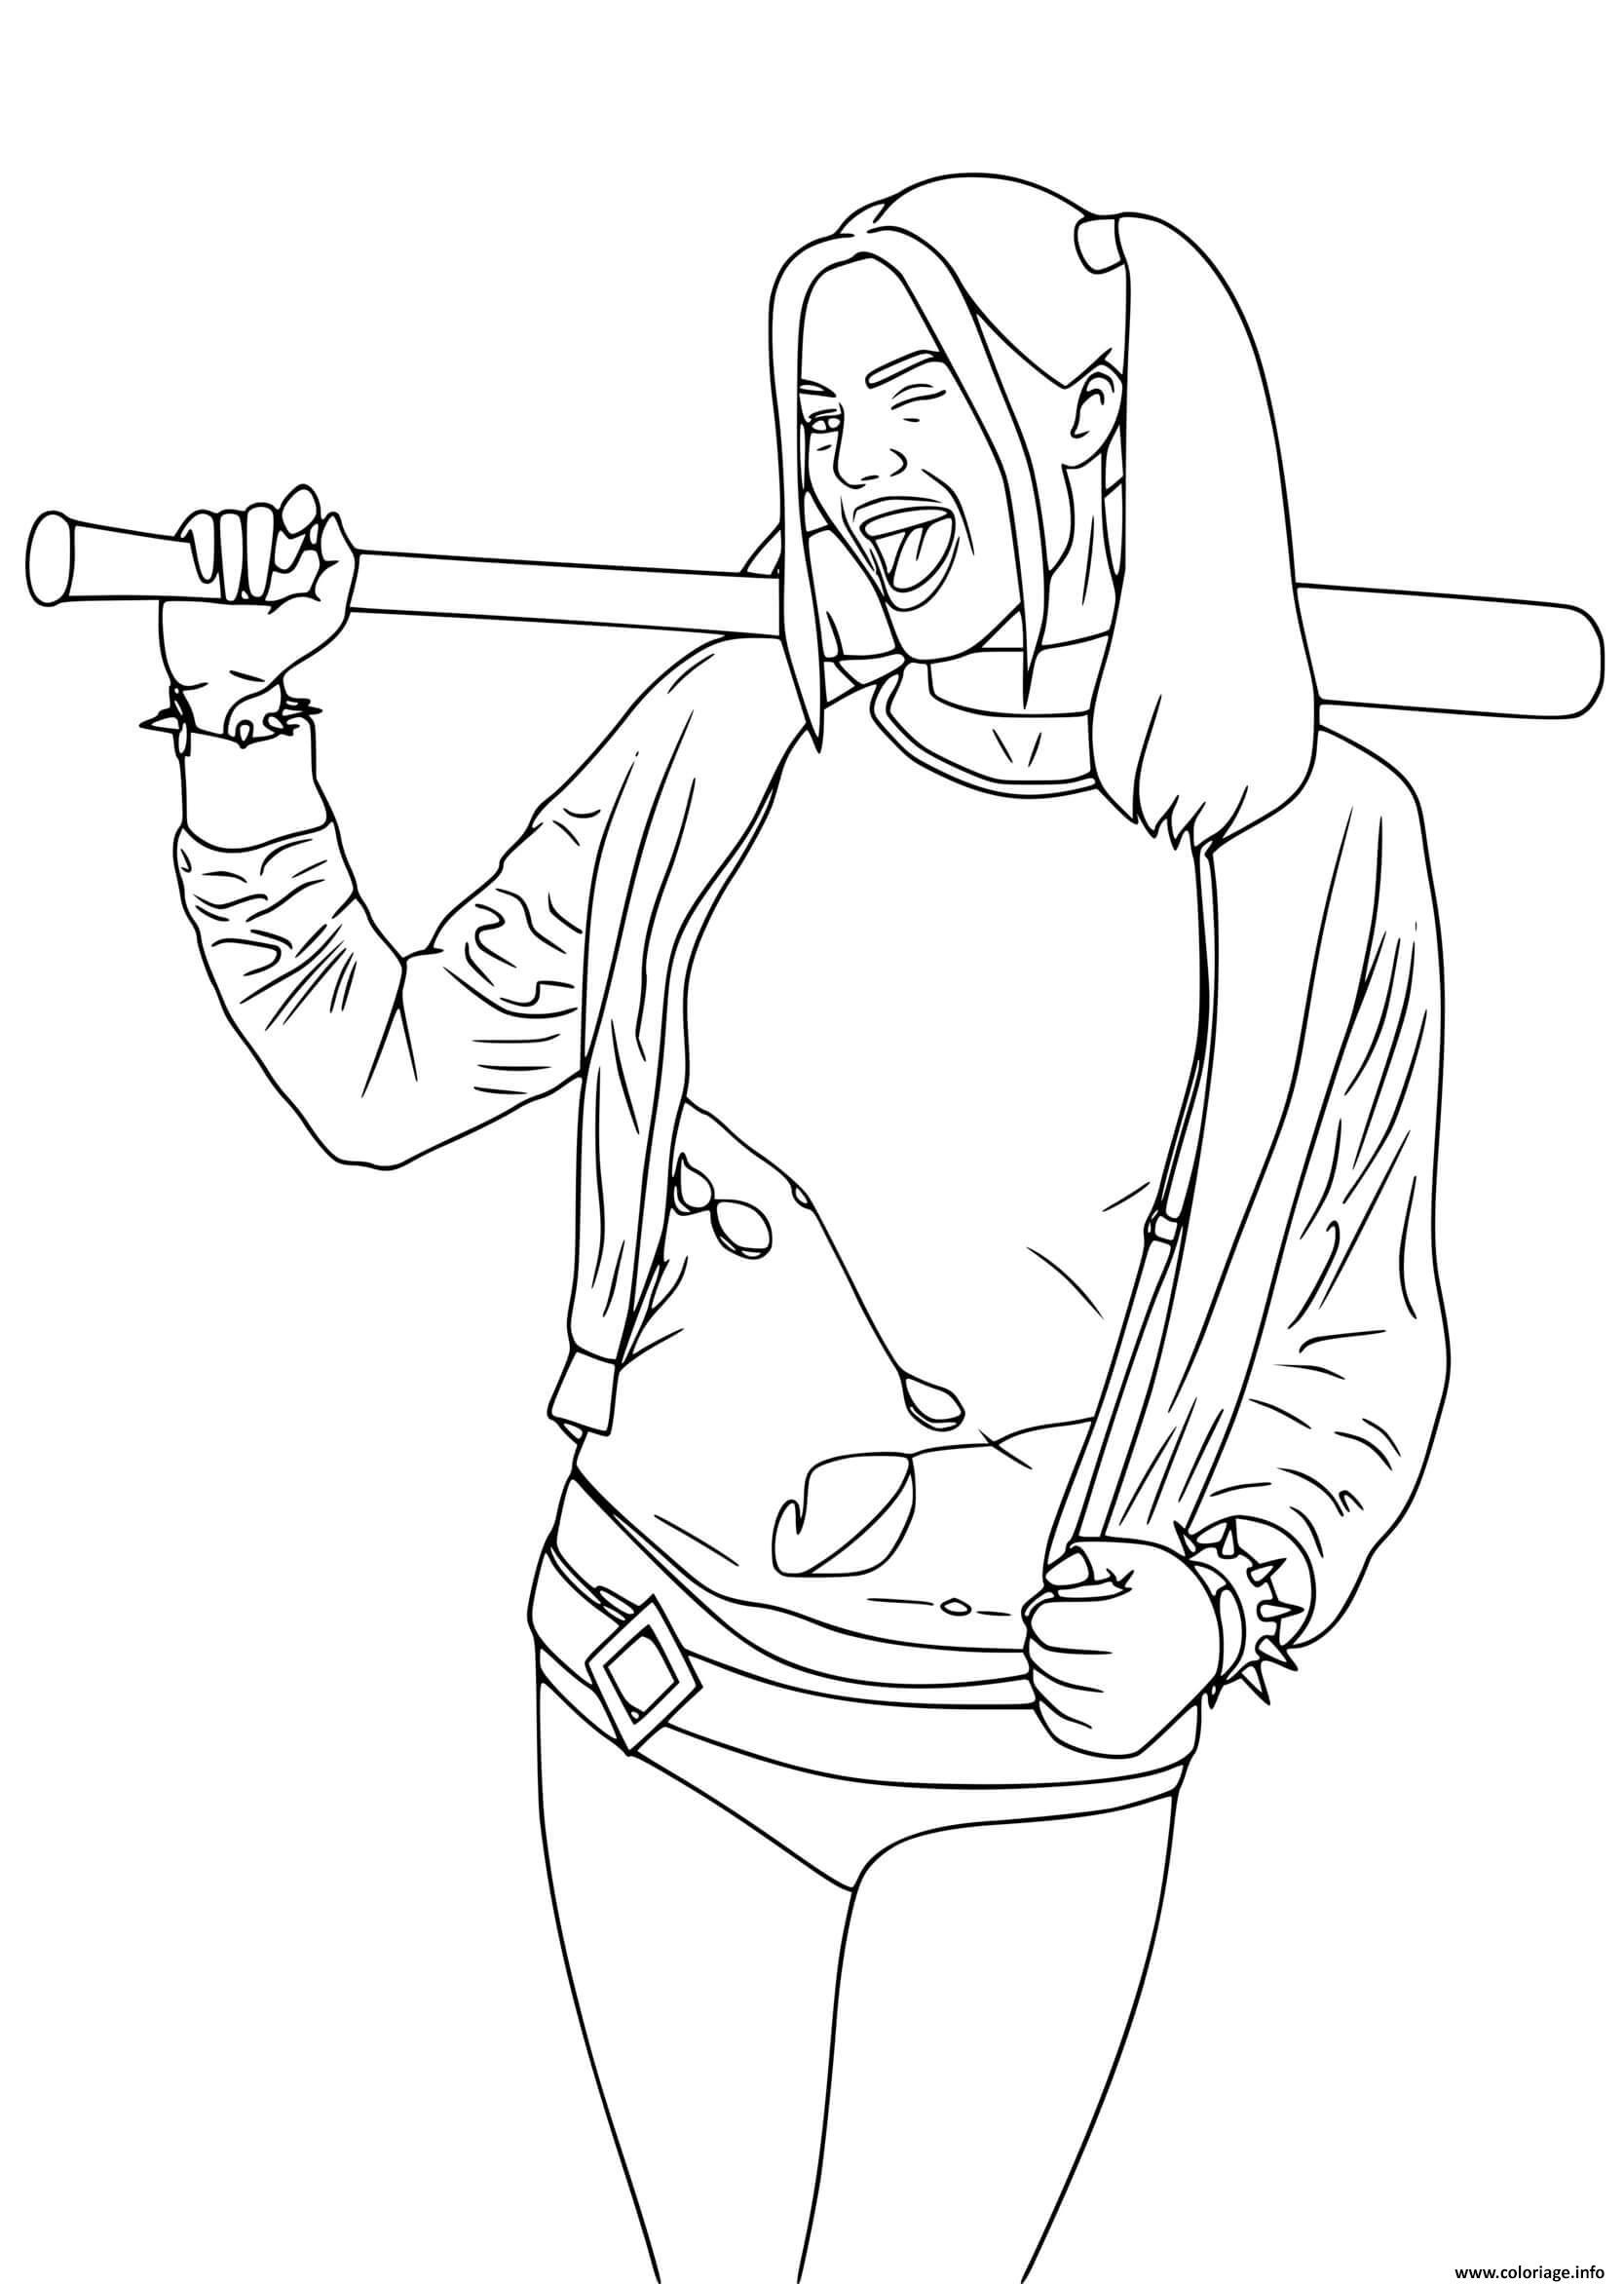 Dessin Harley Quinn de Suicide Squad avec baton de baseball Coloriage Gratuit à Imprimer